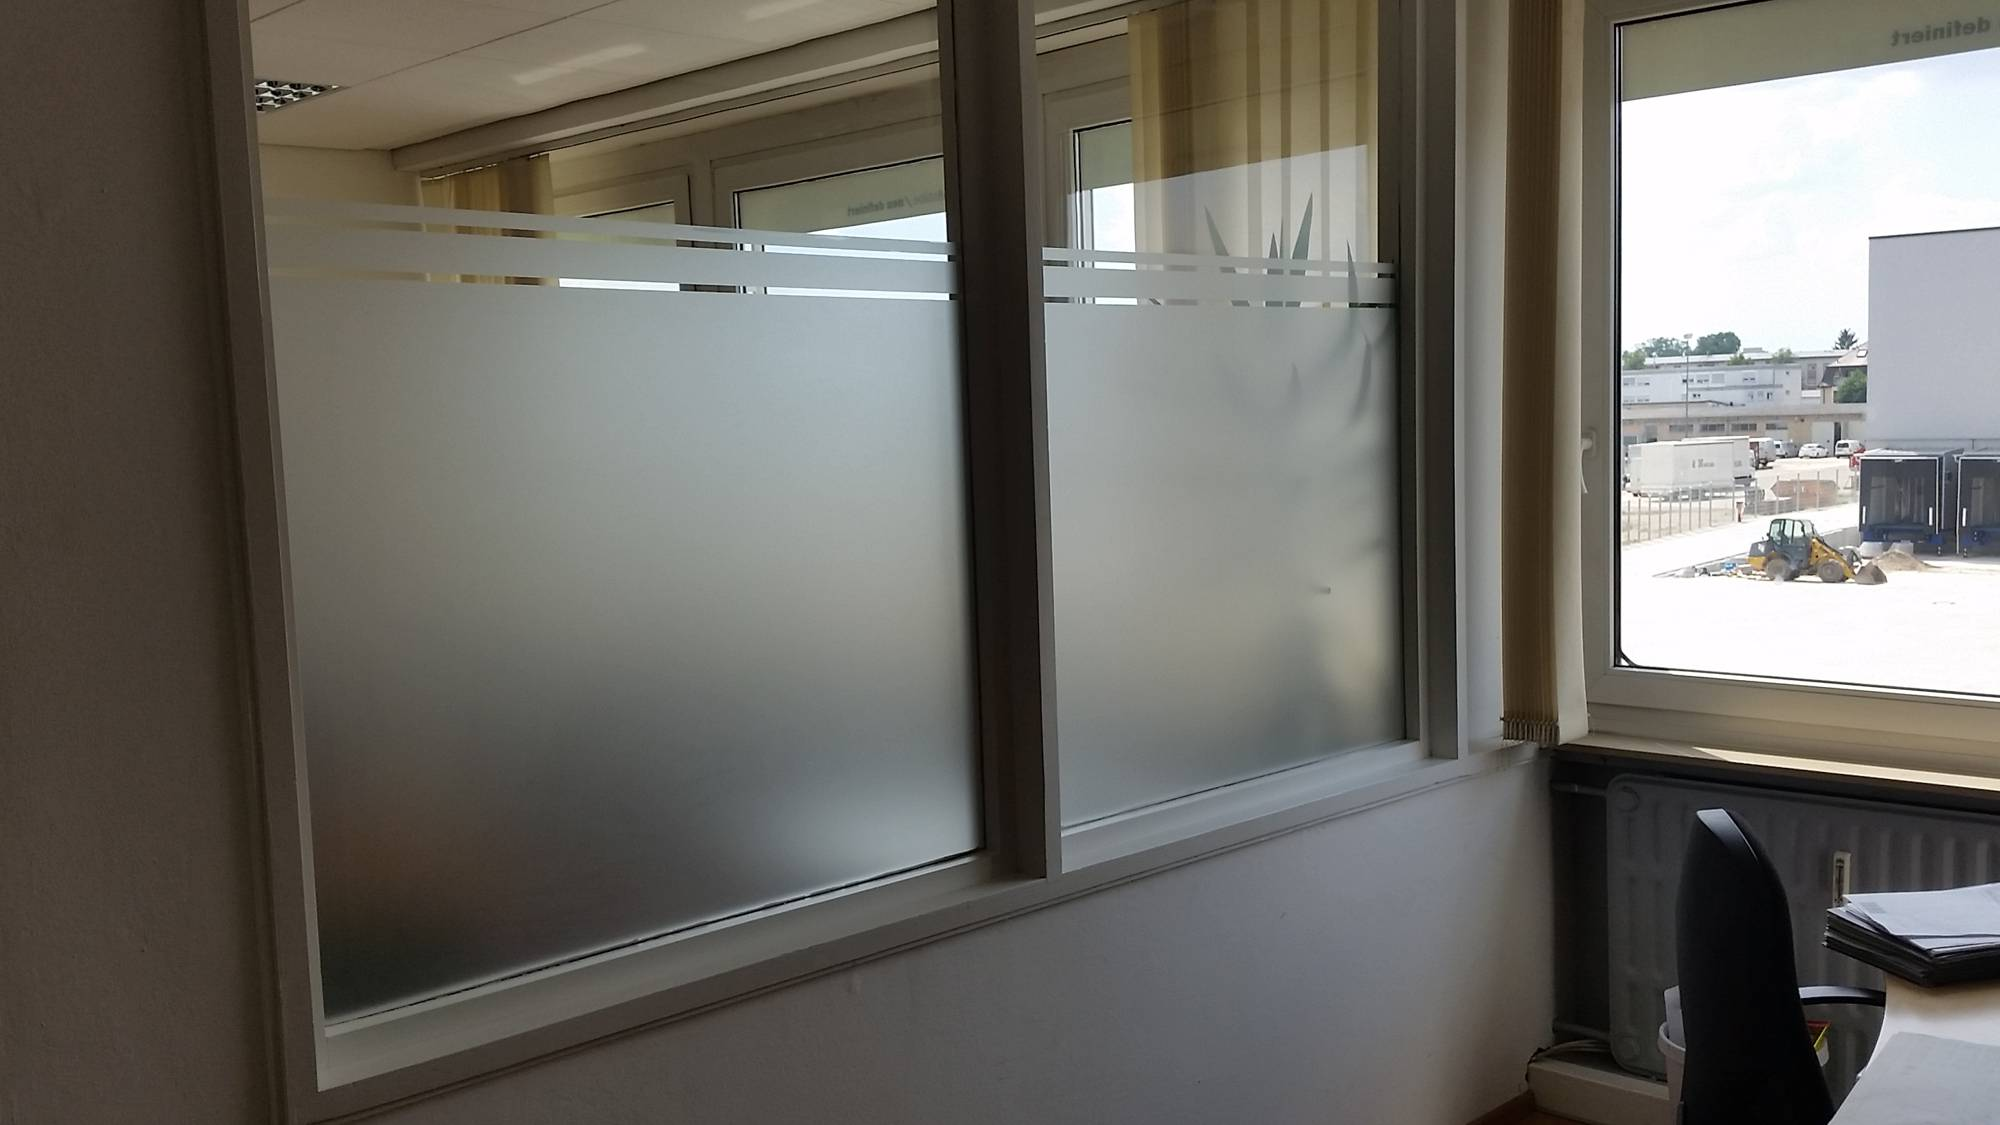 unsere leistungen glasveredelung glasdekorfolien. Black Bedroom Furniture Sets. Home Design Ideas